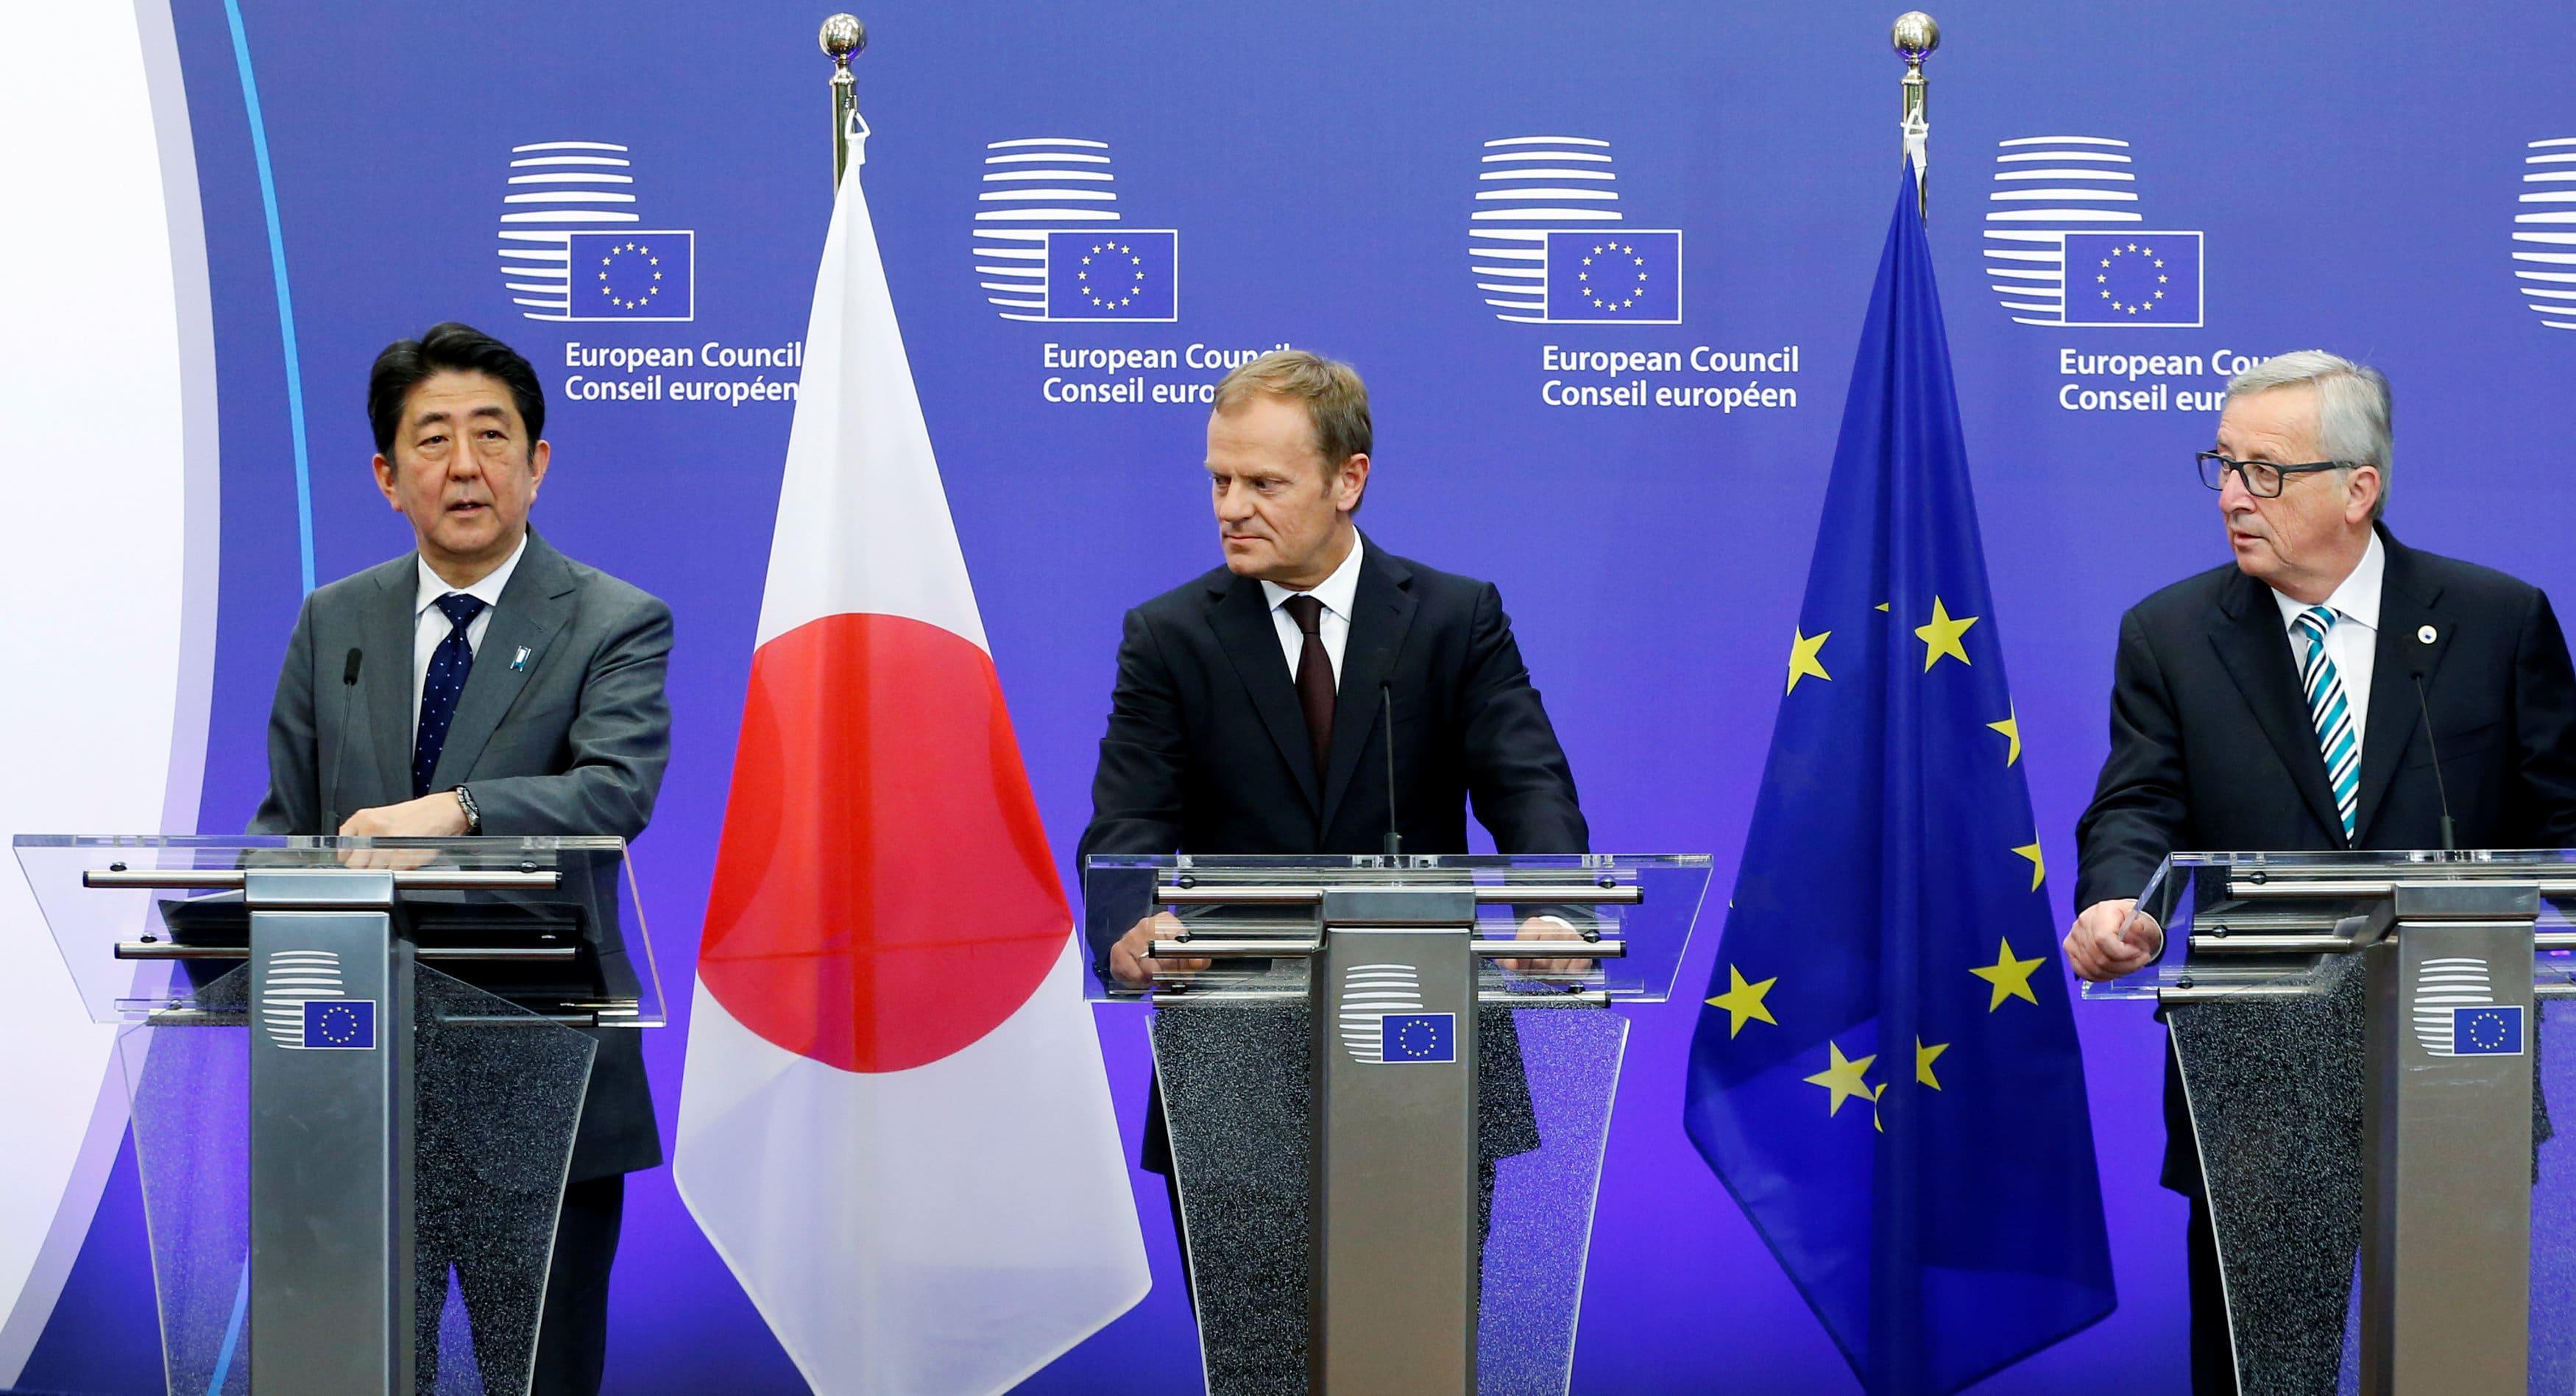 Ue-Giappone, accordo sul libero scambio